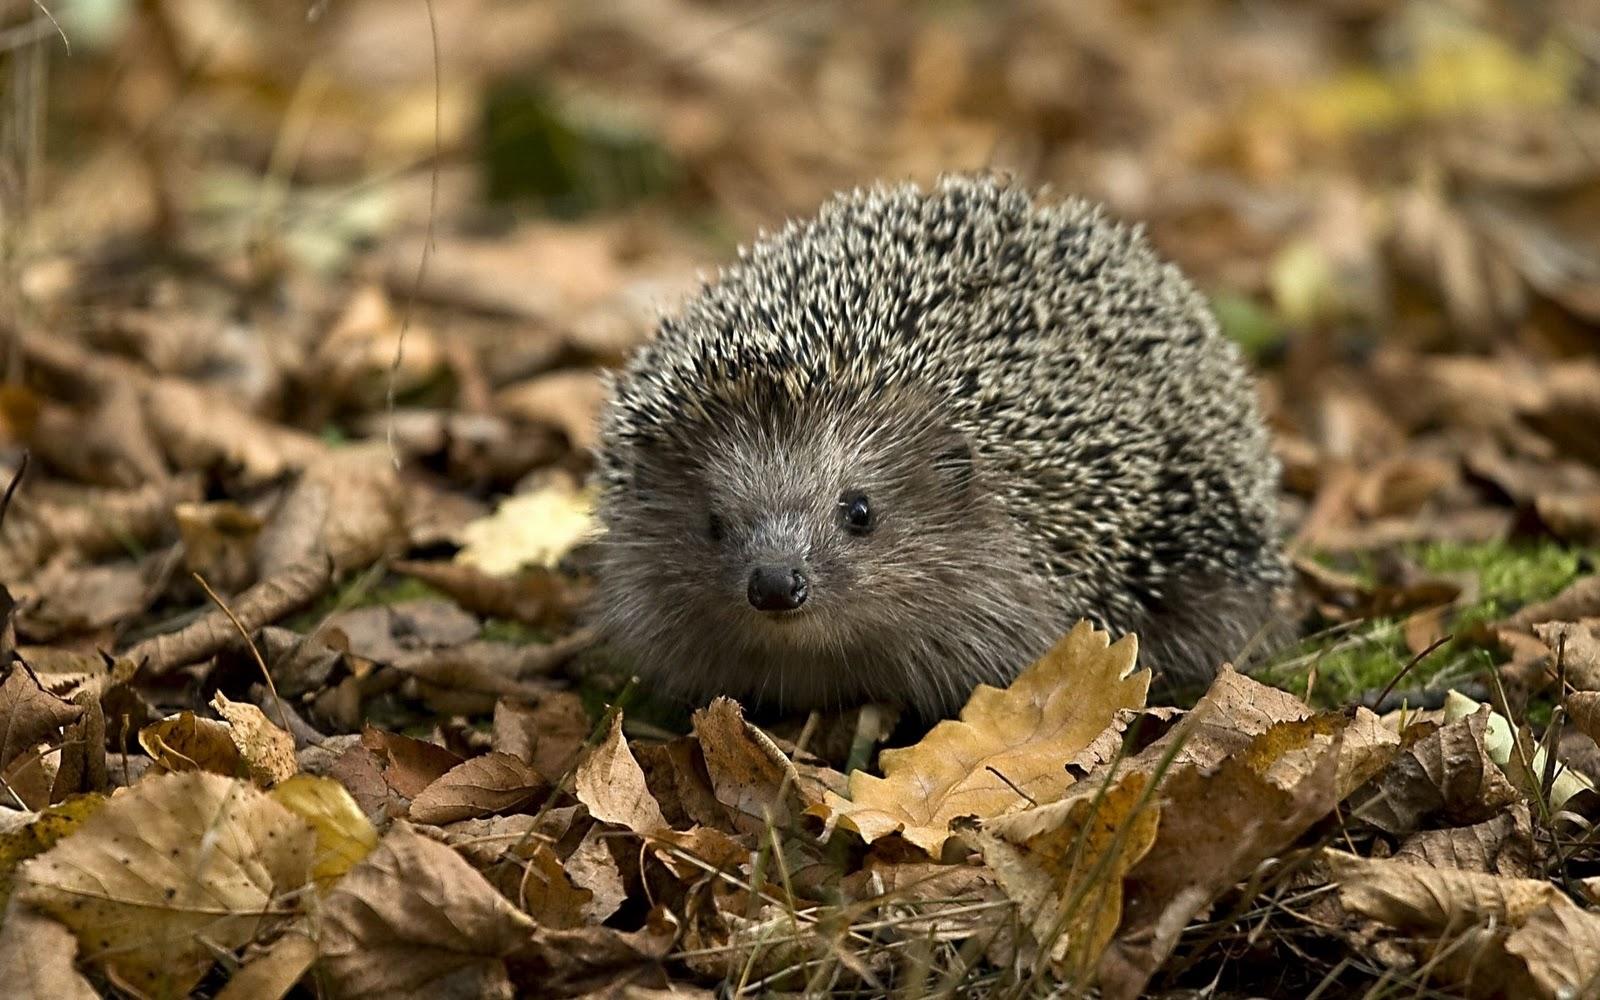 http://4.bp.blogspot.com/-3EXenMgBkuM/Tv8RYfXArYI/AAAAAAAAa6Y/1JcIpFUWYYE/s1600/Animals+Wallpapers+%252886%2529.jpg